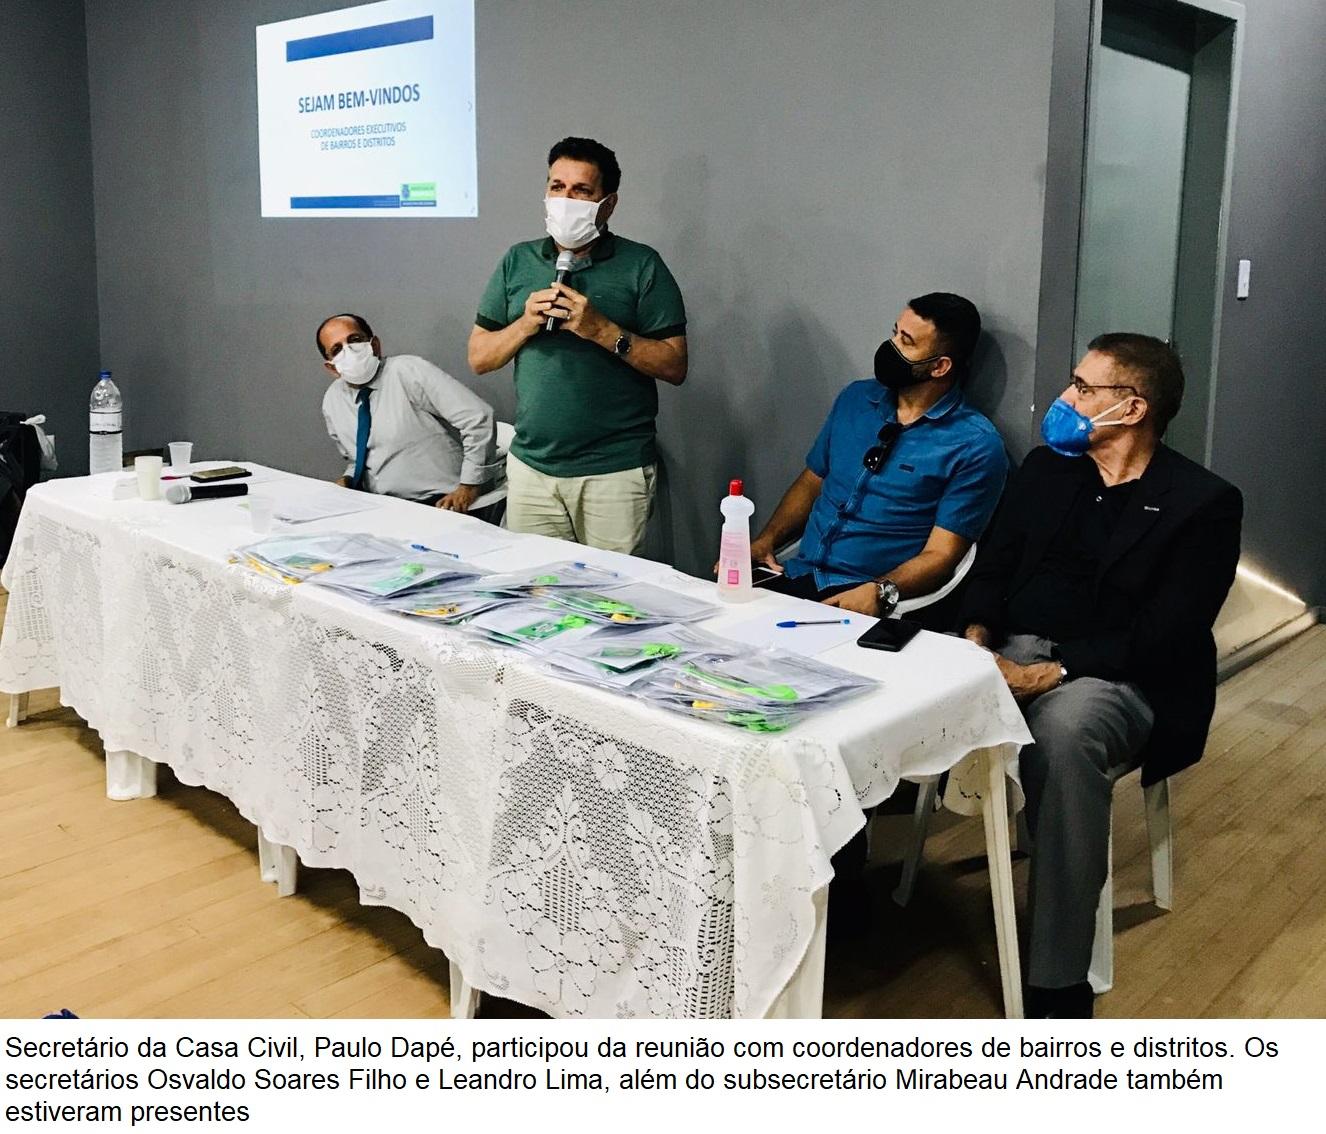 Secretaria de Governo promove reunião com coordenadores de bairros e distritos de Eunápolis 23